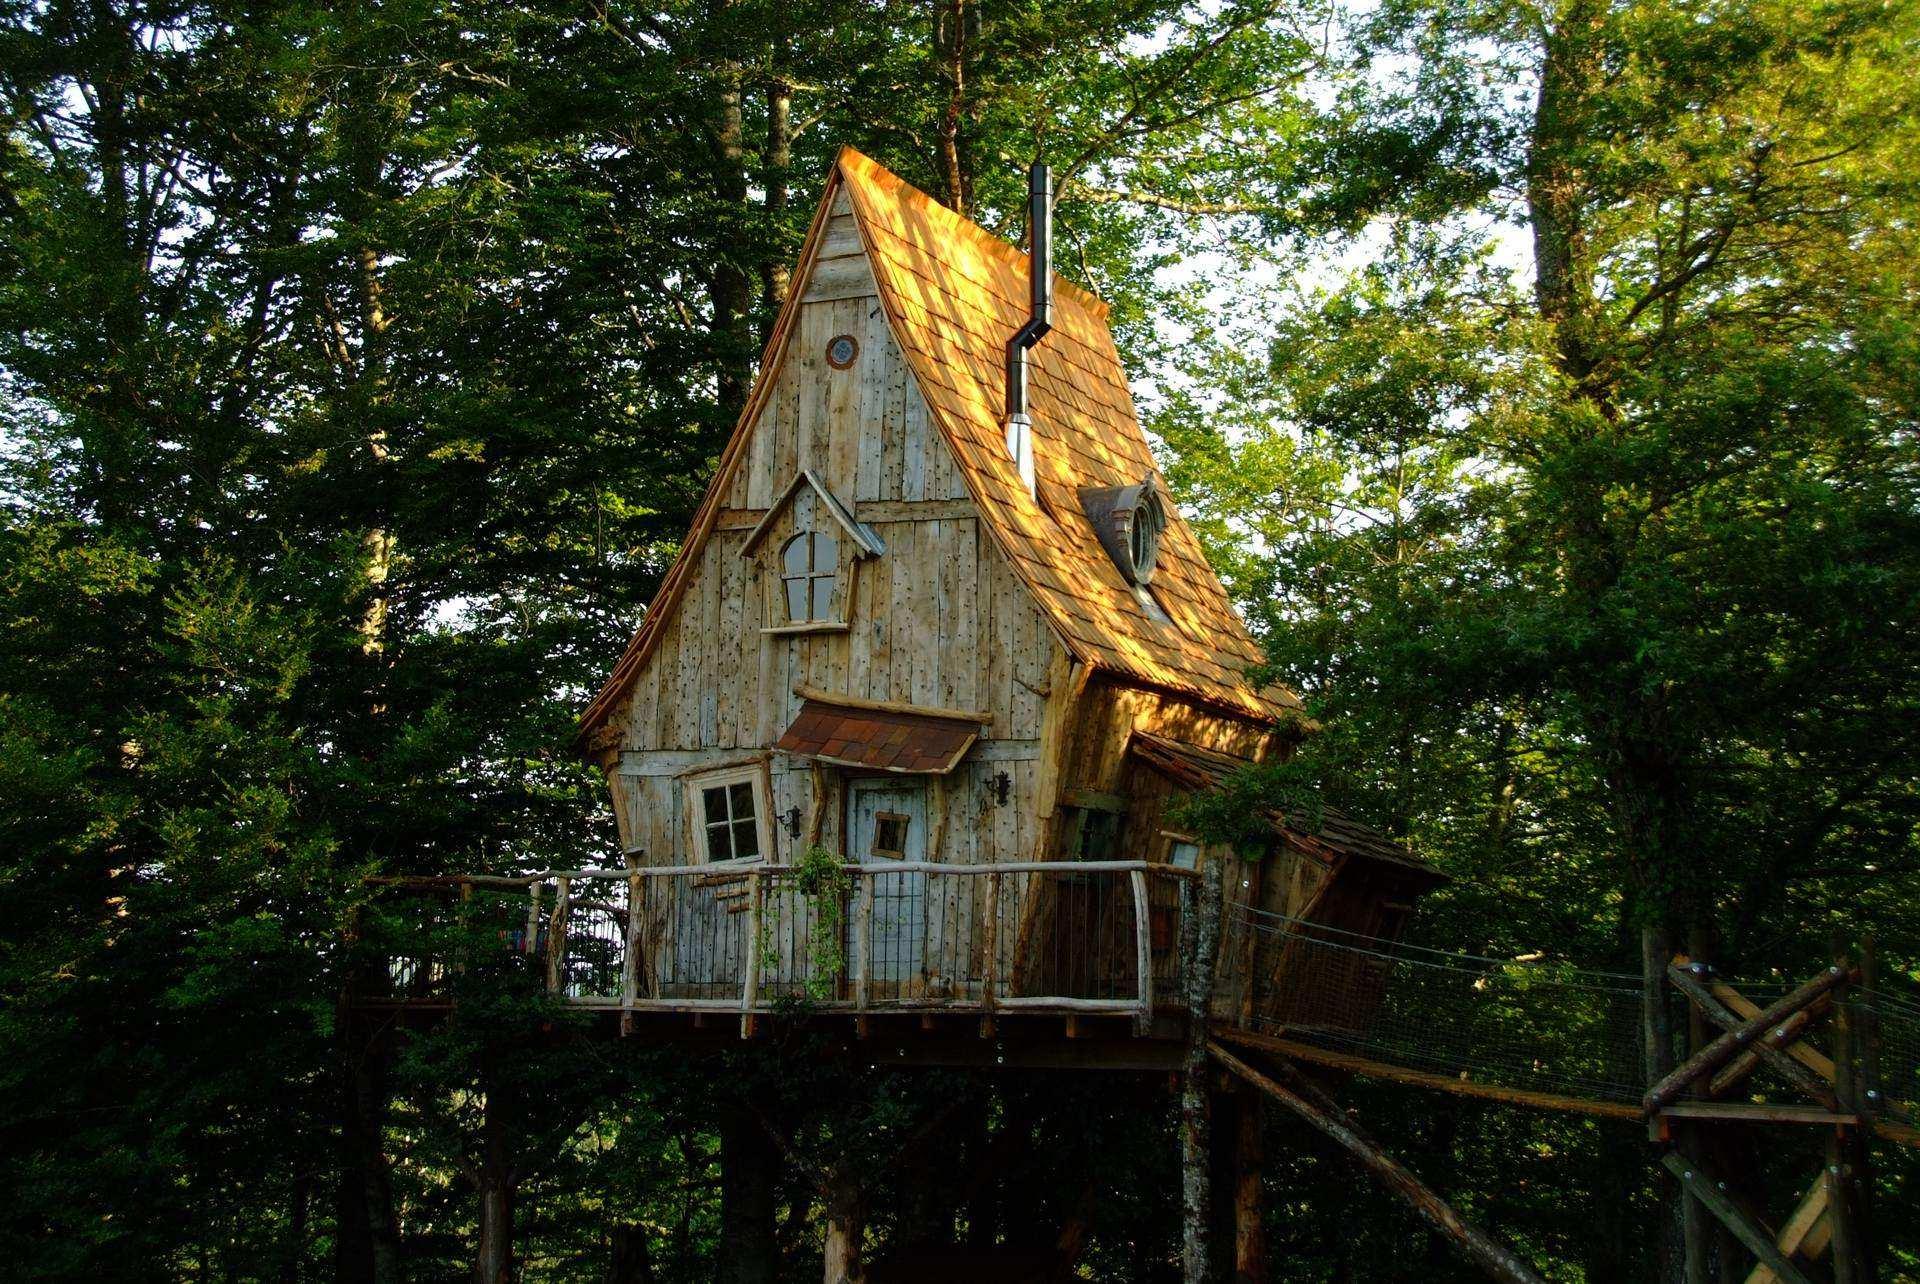 Ch que cadeau escapade offrir un s jour insolite parmi de 480 cabanes perch es - Cabane en bois dans les arbres ...